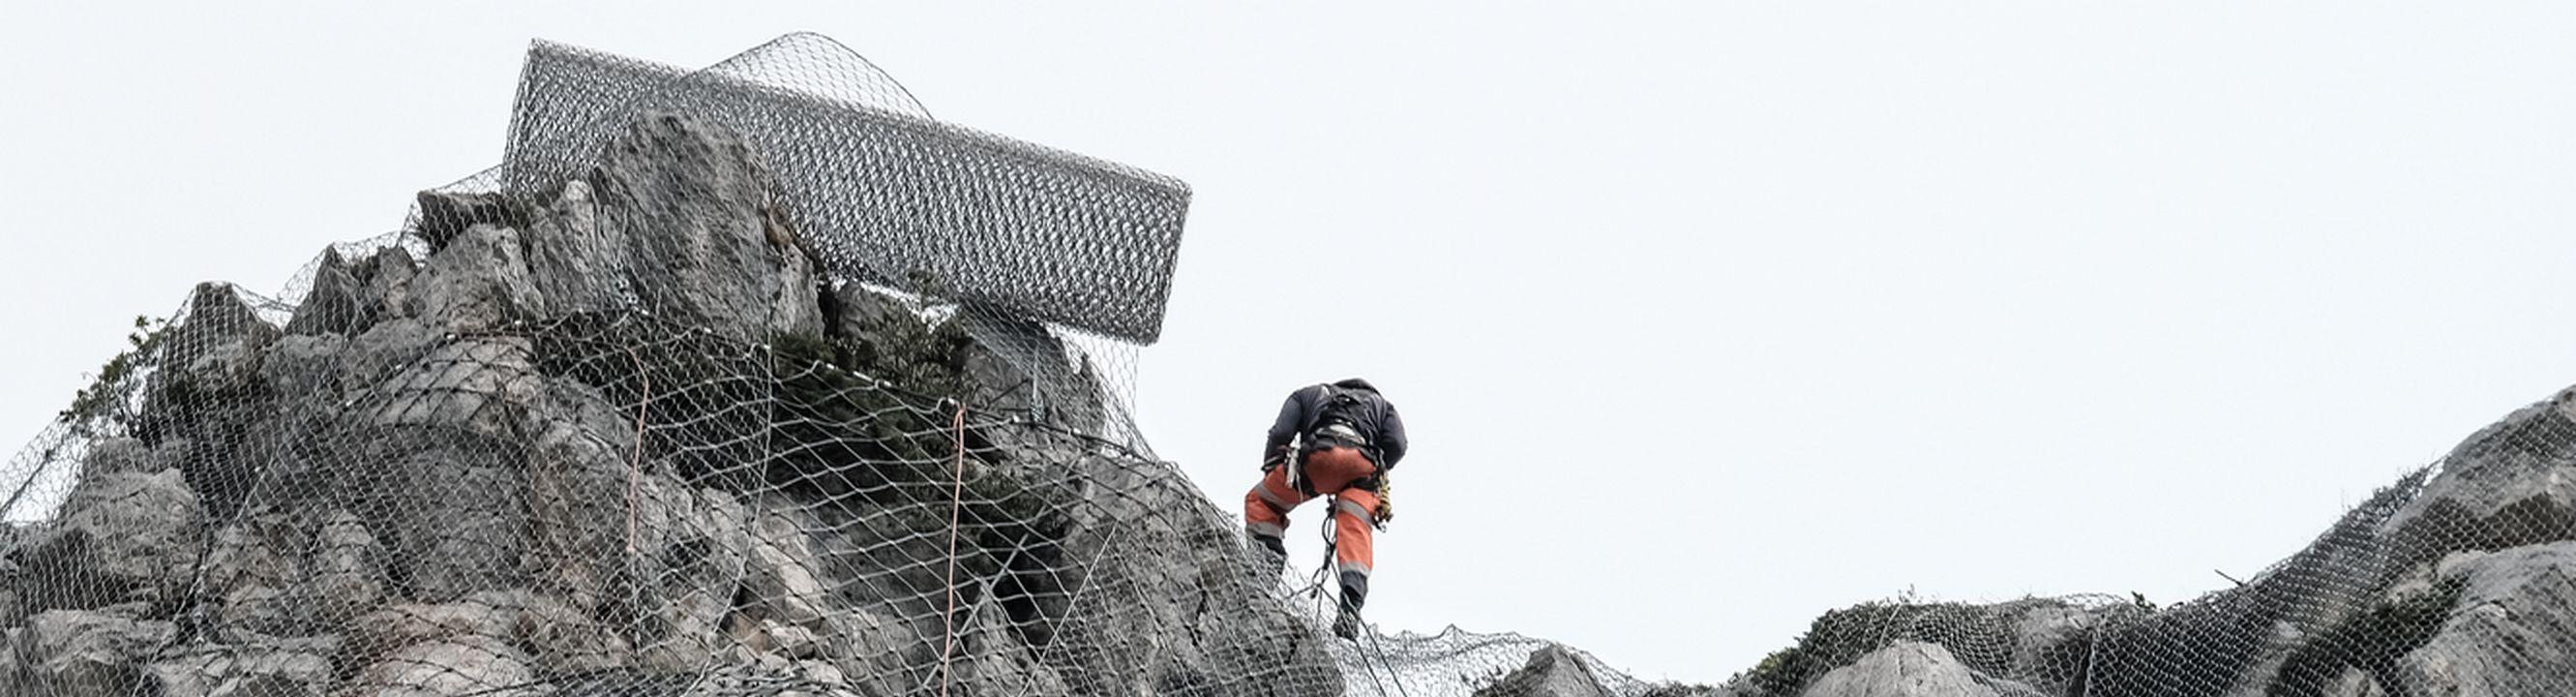 technicien cordiste tp 06 forage purge chantier interim acts mission